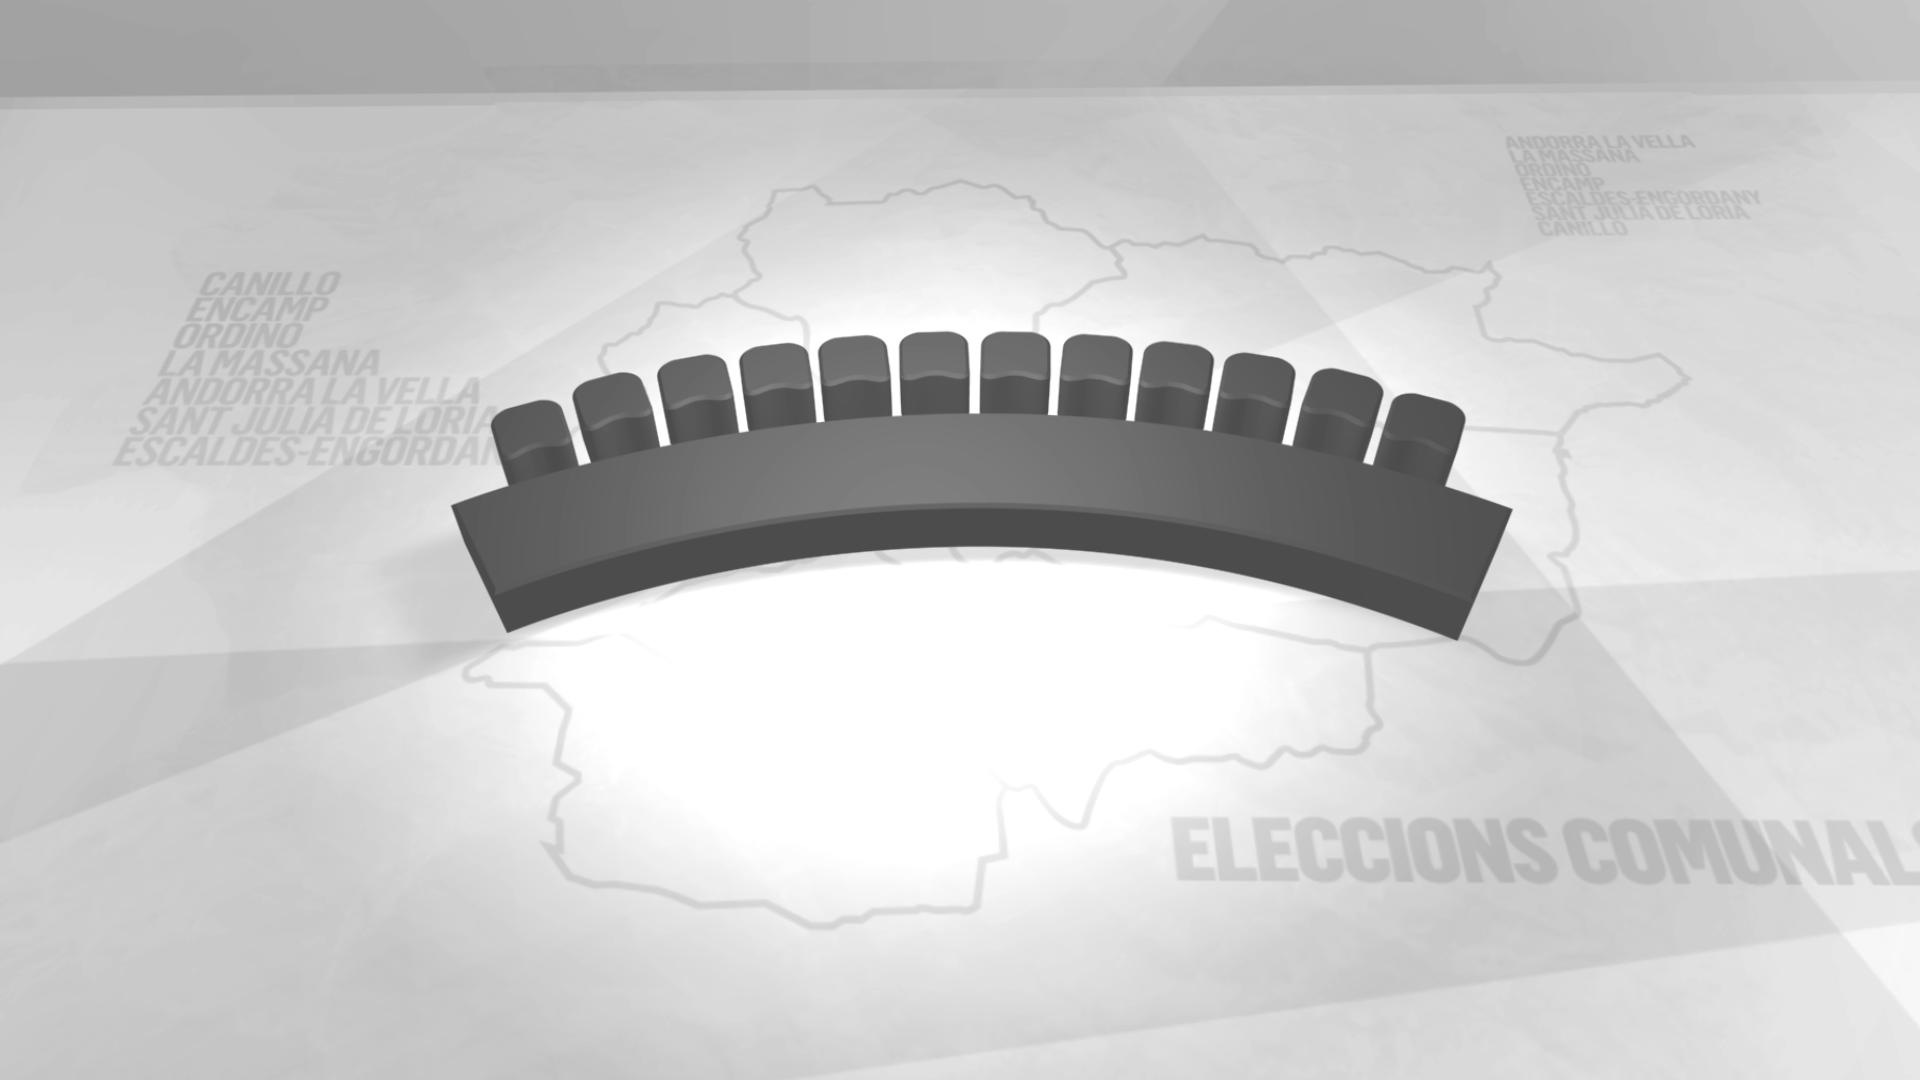 Comptant vots